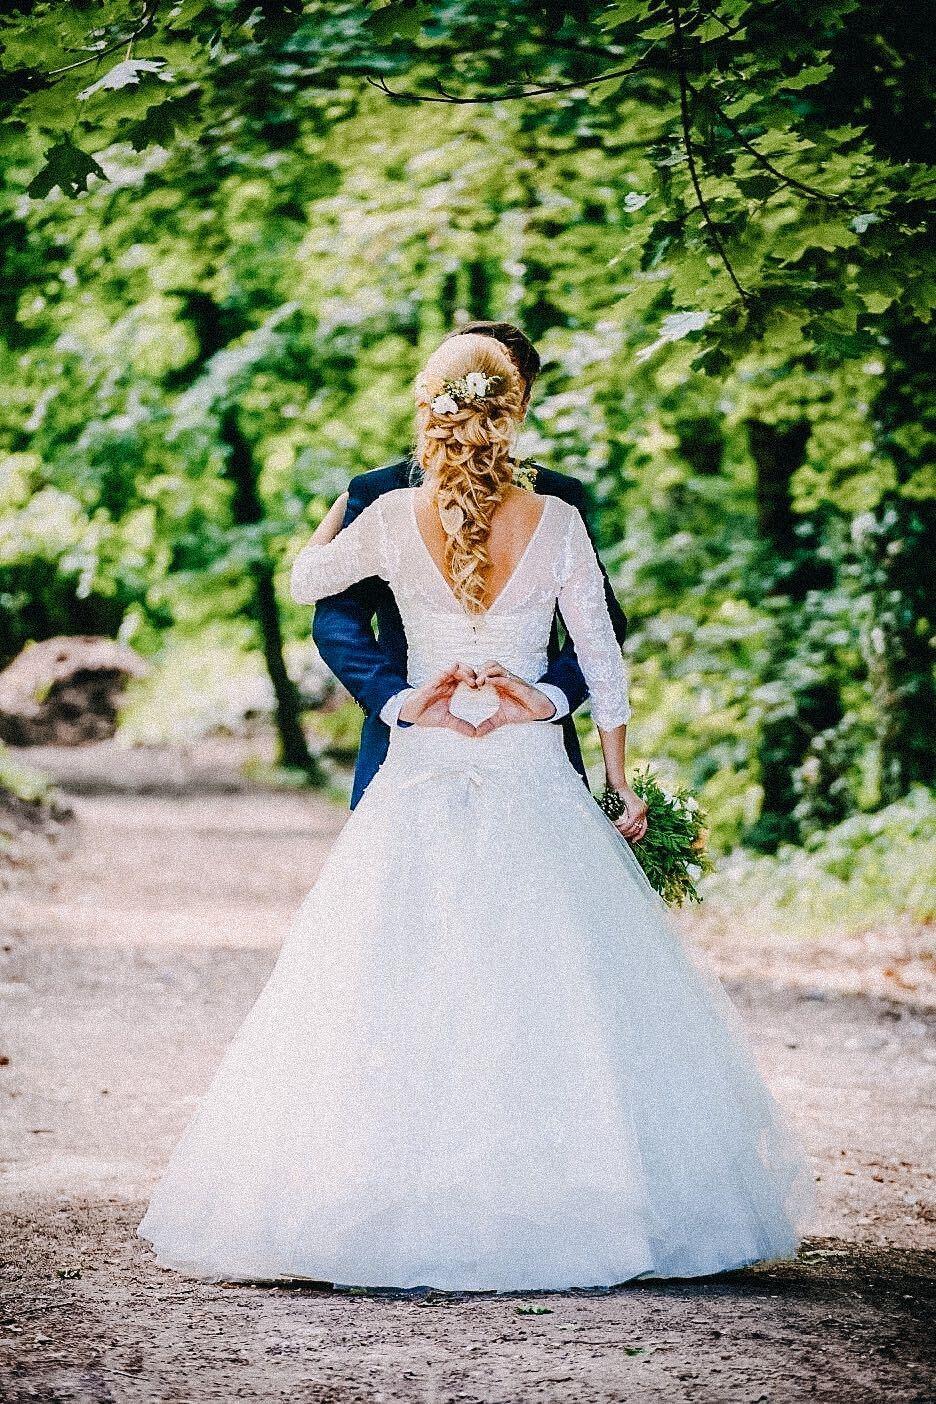 svatba-v-prirode-1591200465